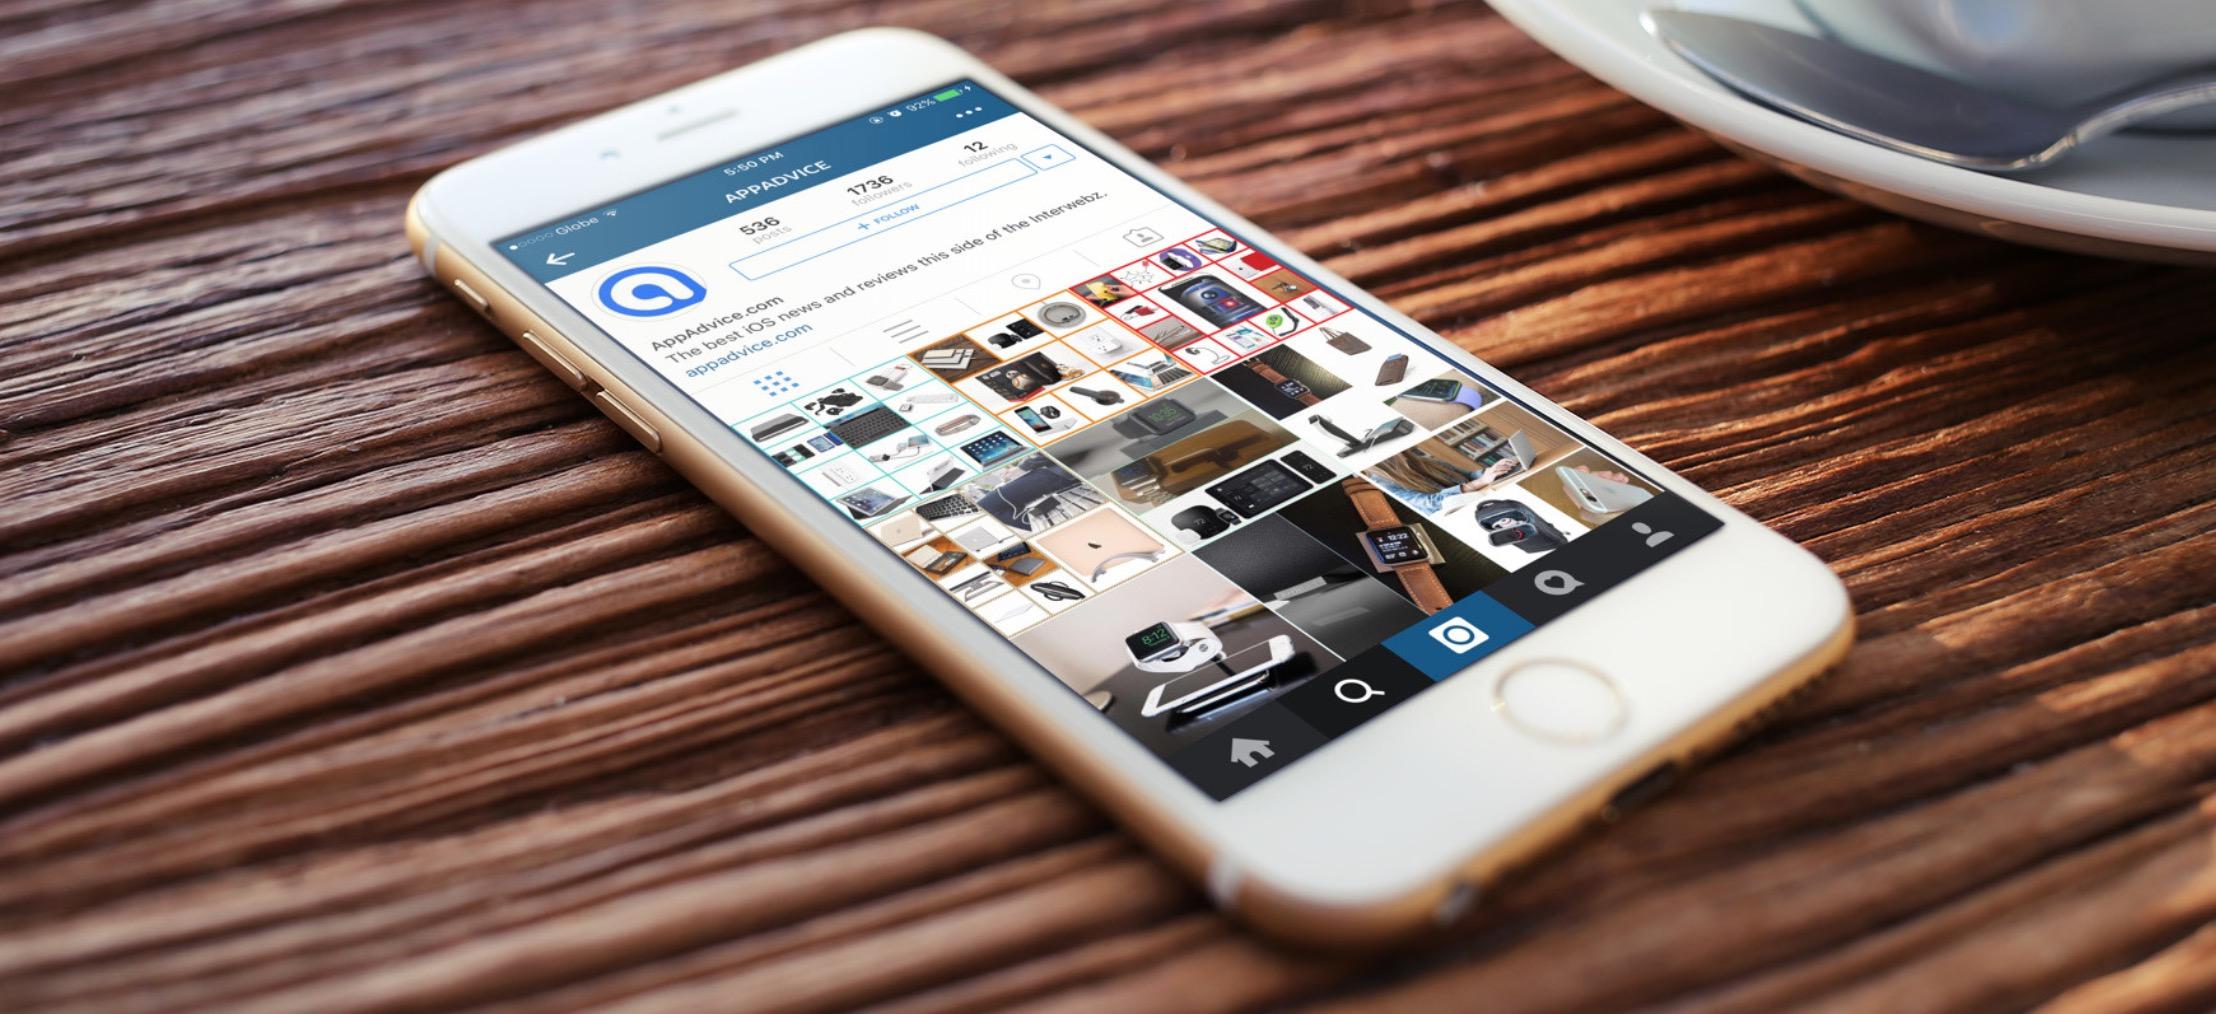 Instagram multi-account